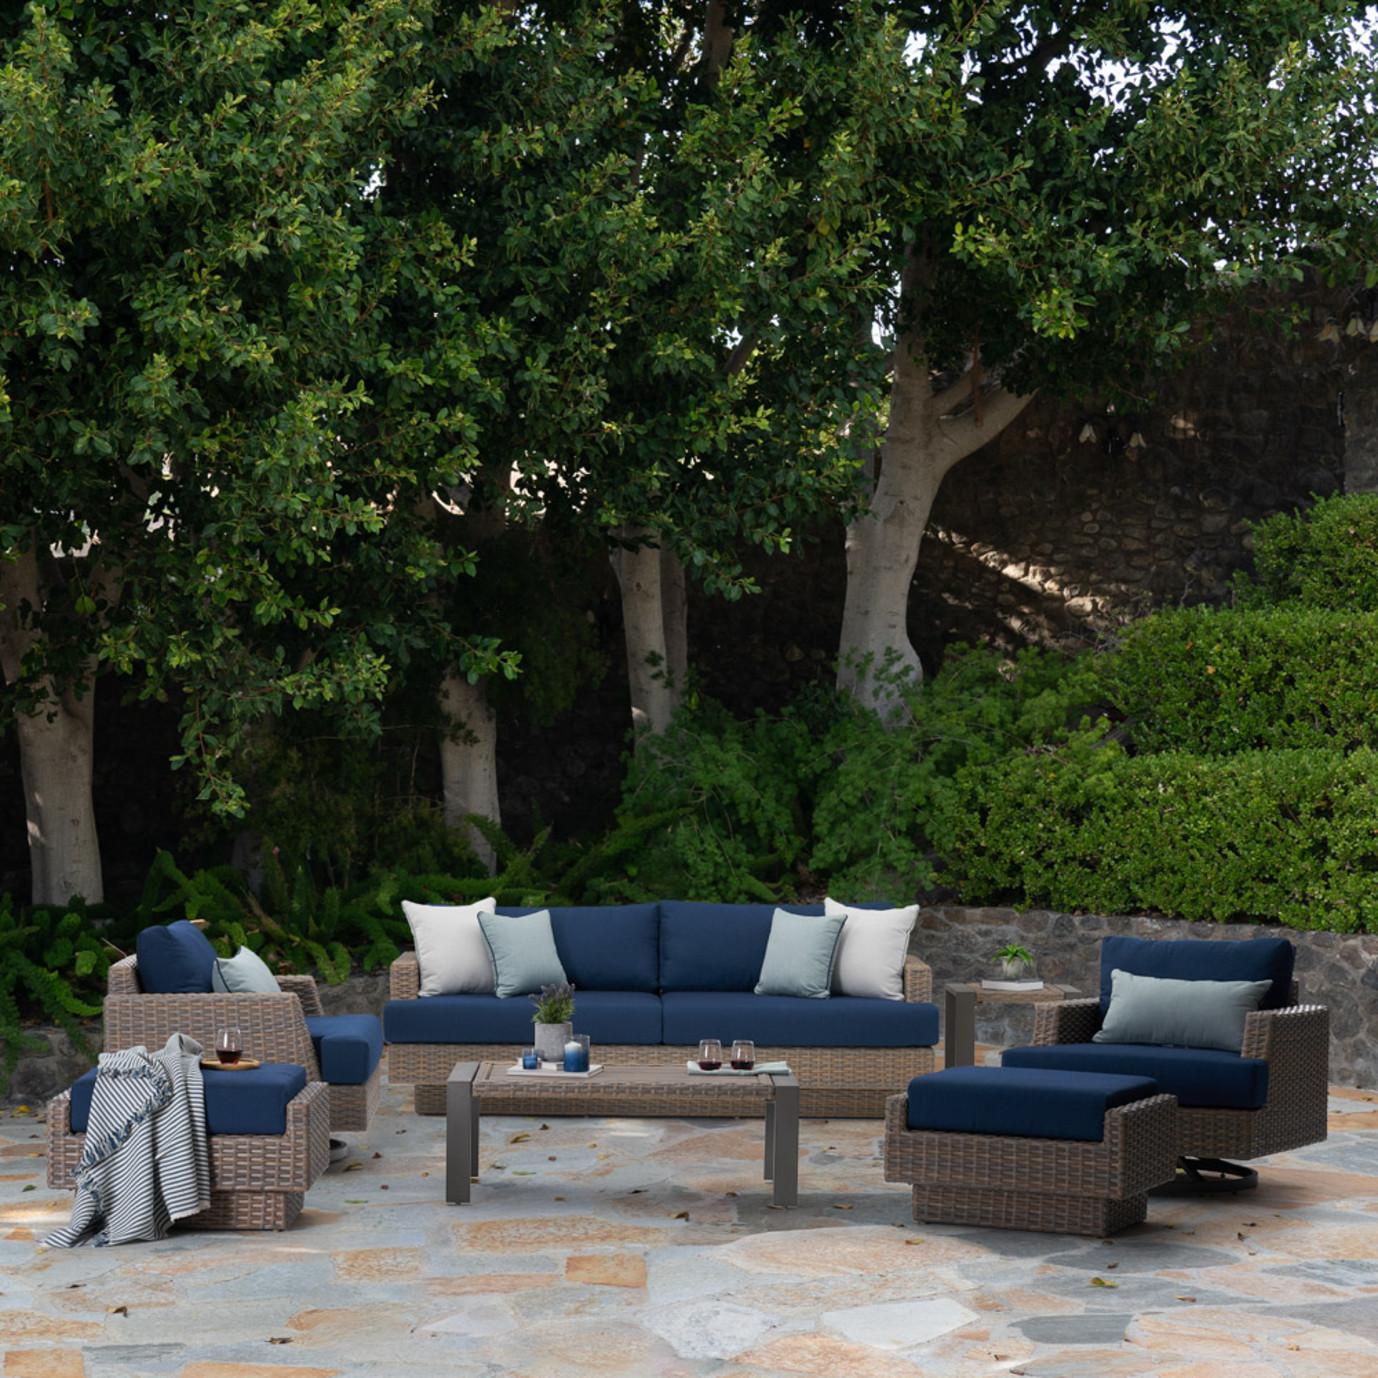 Portofino Repose 7 Piece Motion Seating Set - Laguna Blue